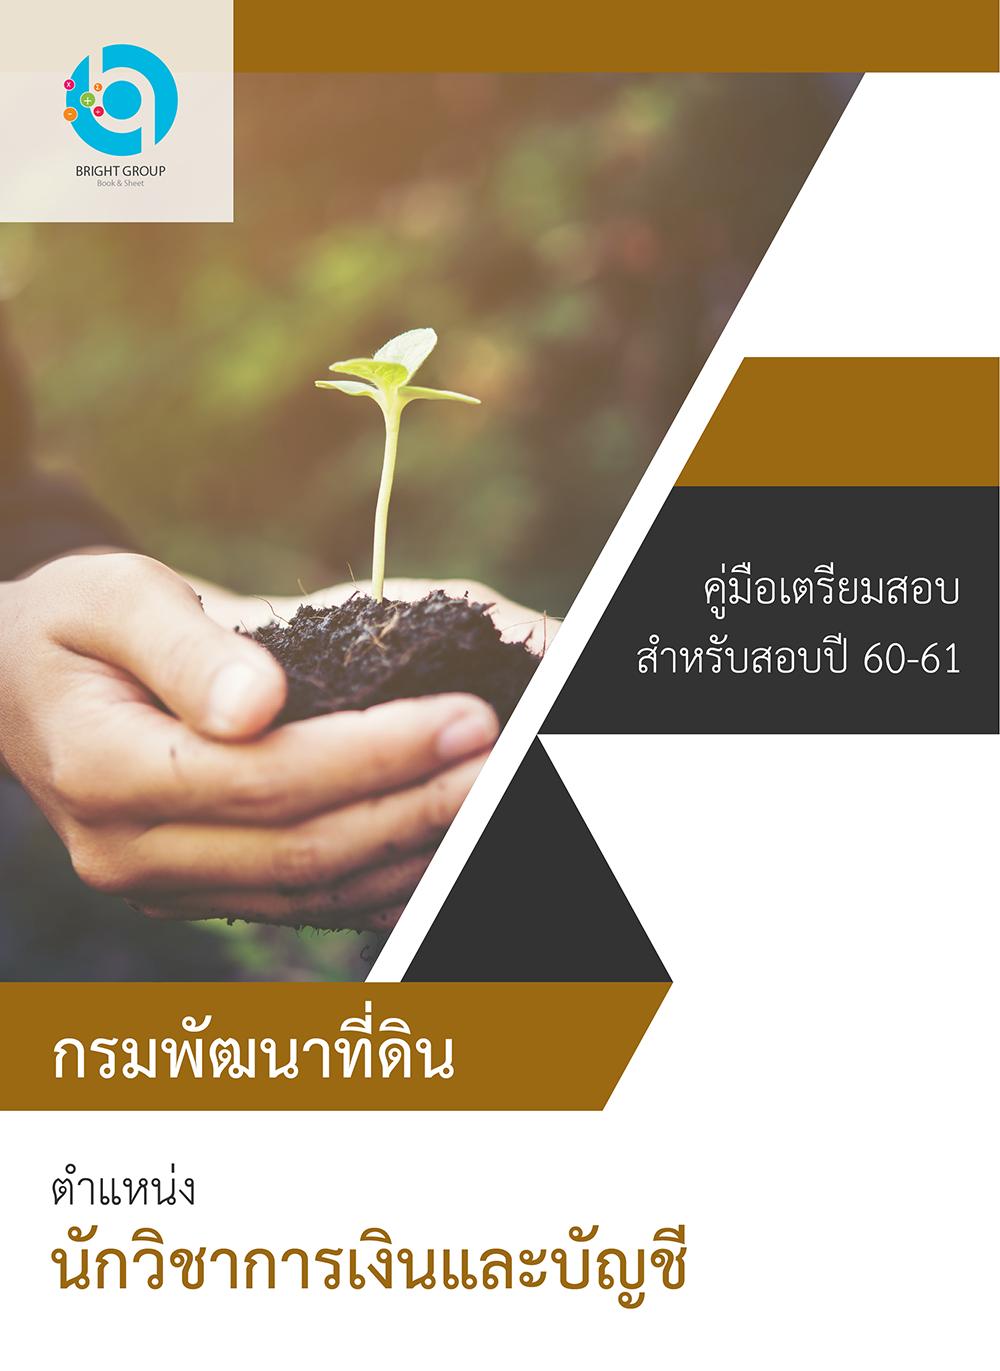 แนวข้อสอบ นักวิชาการเงินและบัญชี กรมพัฒนาที่ดิน